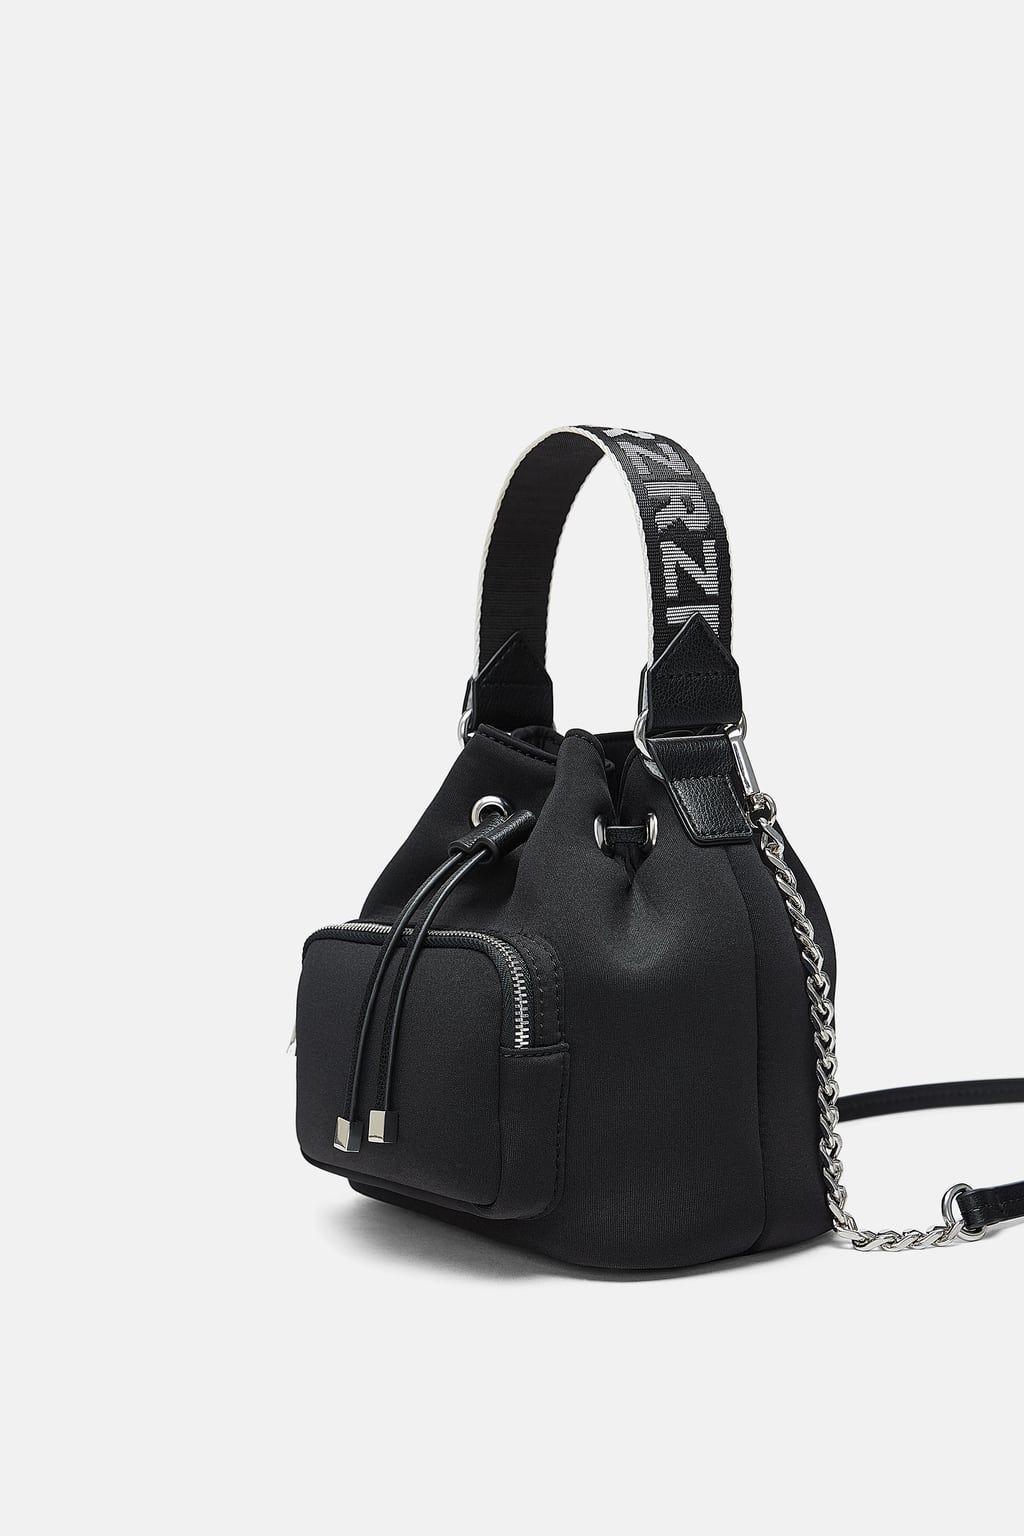 9a20c56d237 29.90 USD | Zara Picks in 2019 | Mini crossbody bag, Bags, Crossbody bag